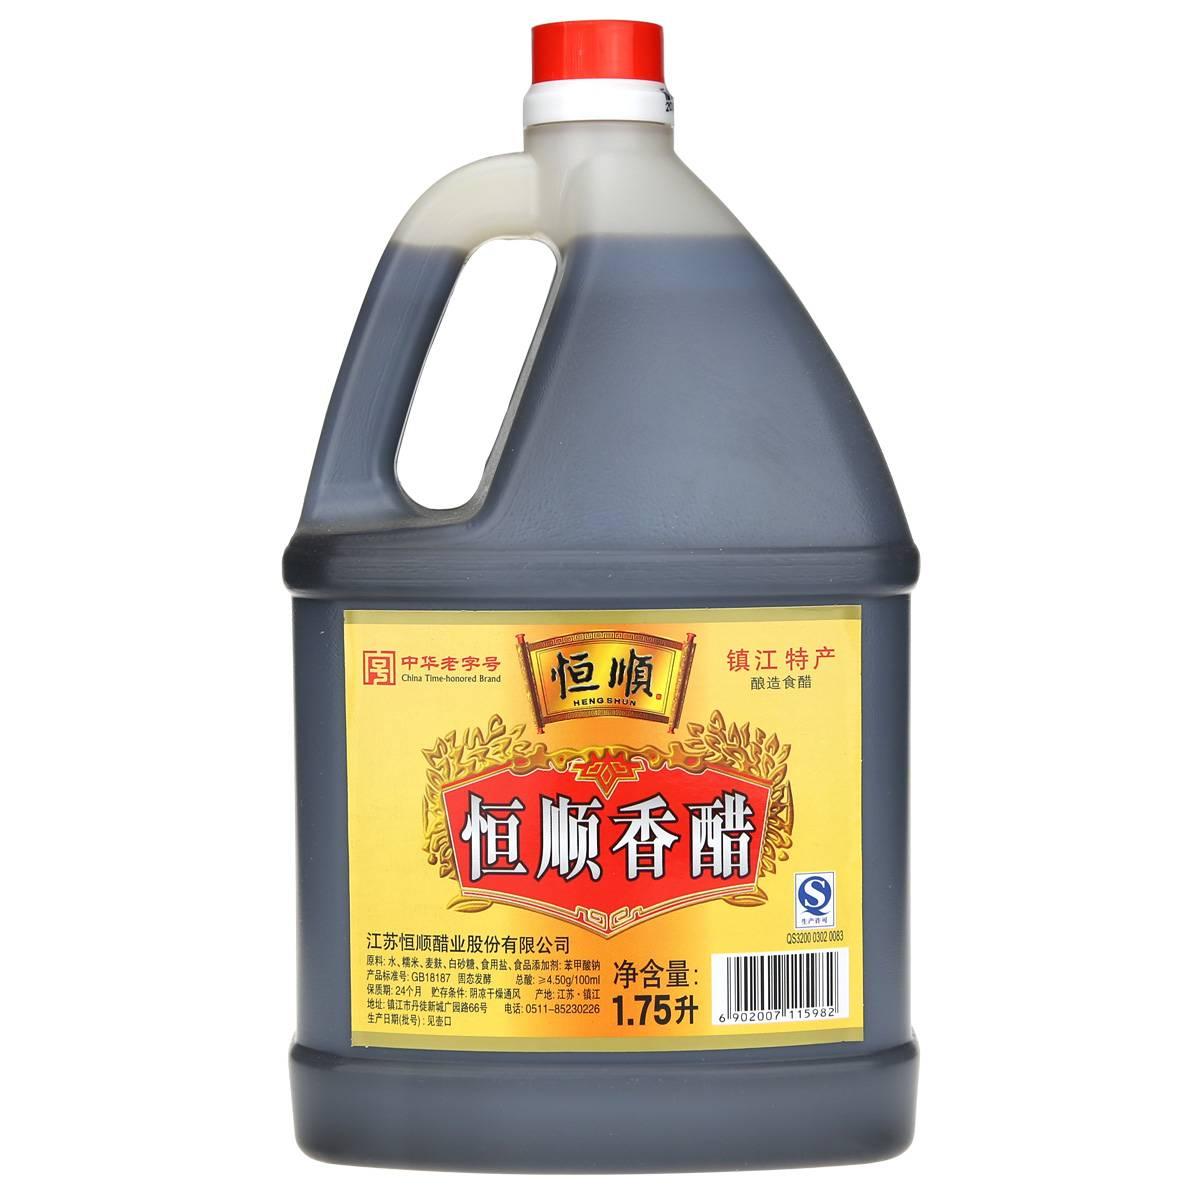 恒顺香醋1.75L 纯粮酿造 镇江特产 调味品 调味料